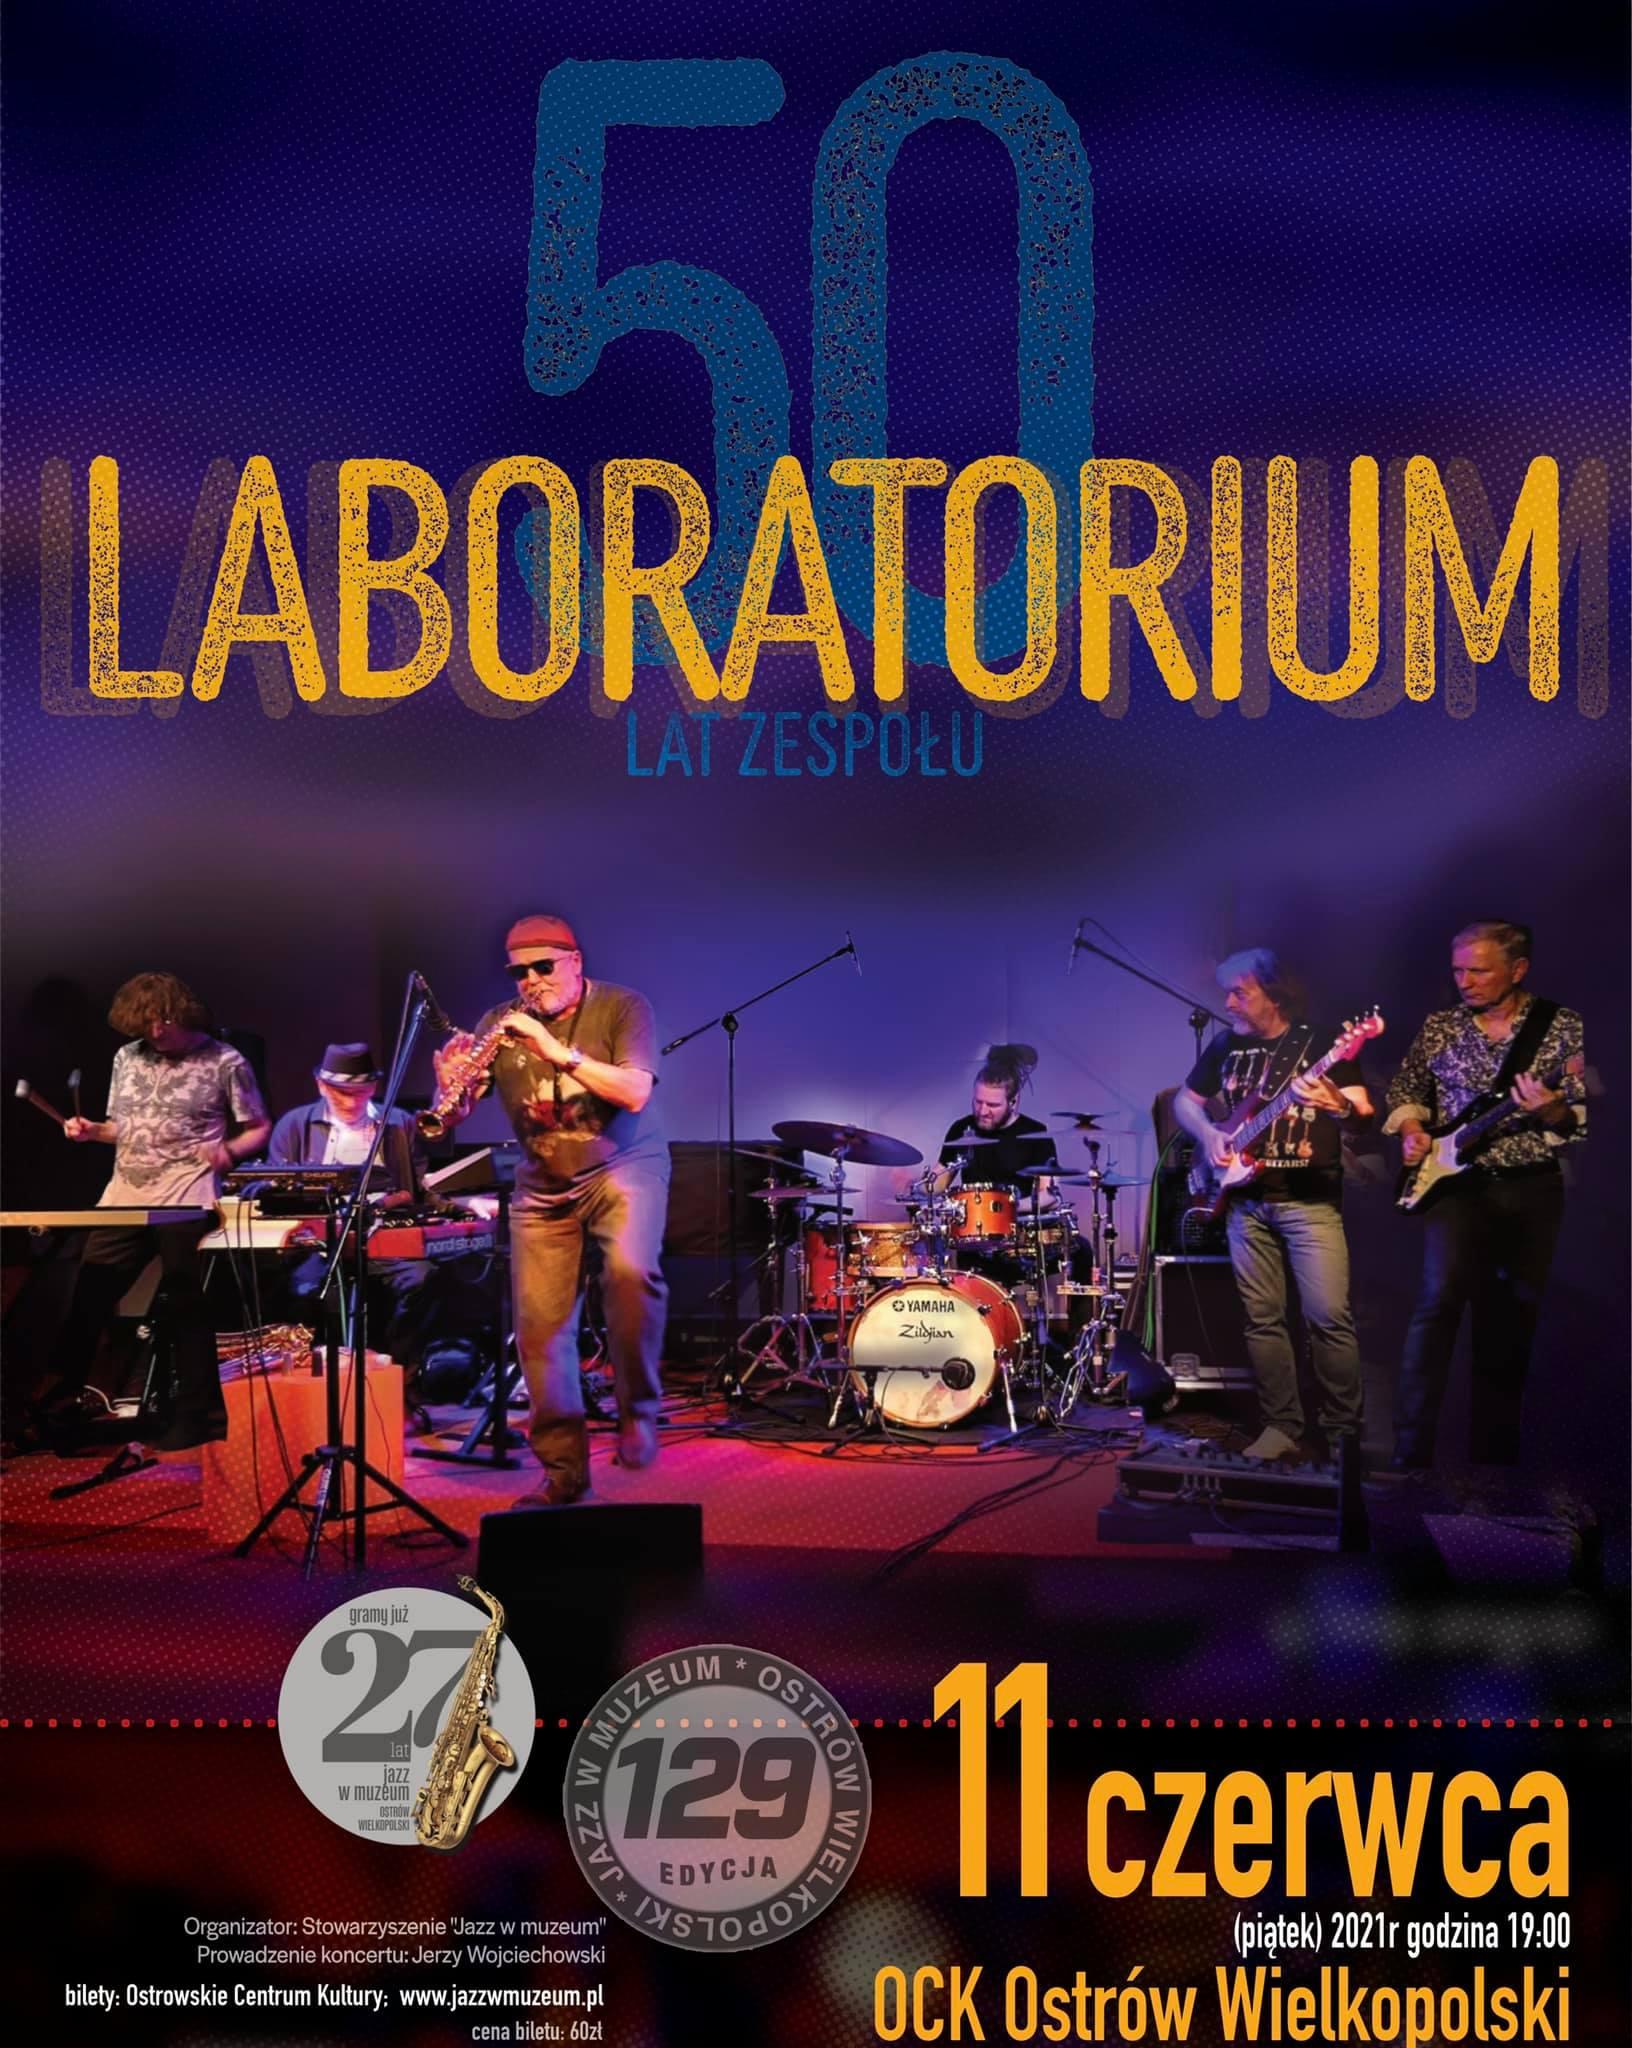 Jazz w muzeum   Laboratorium